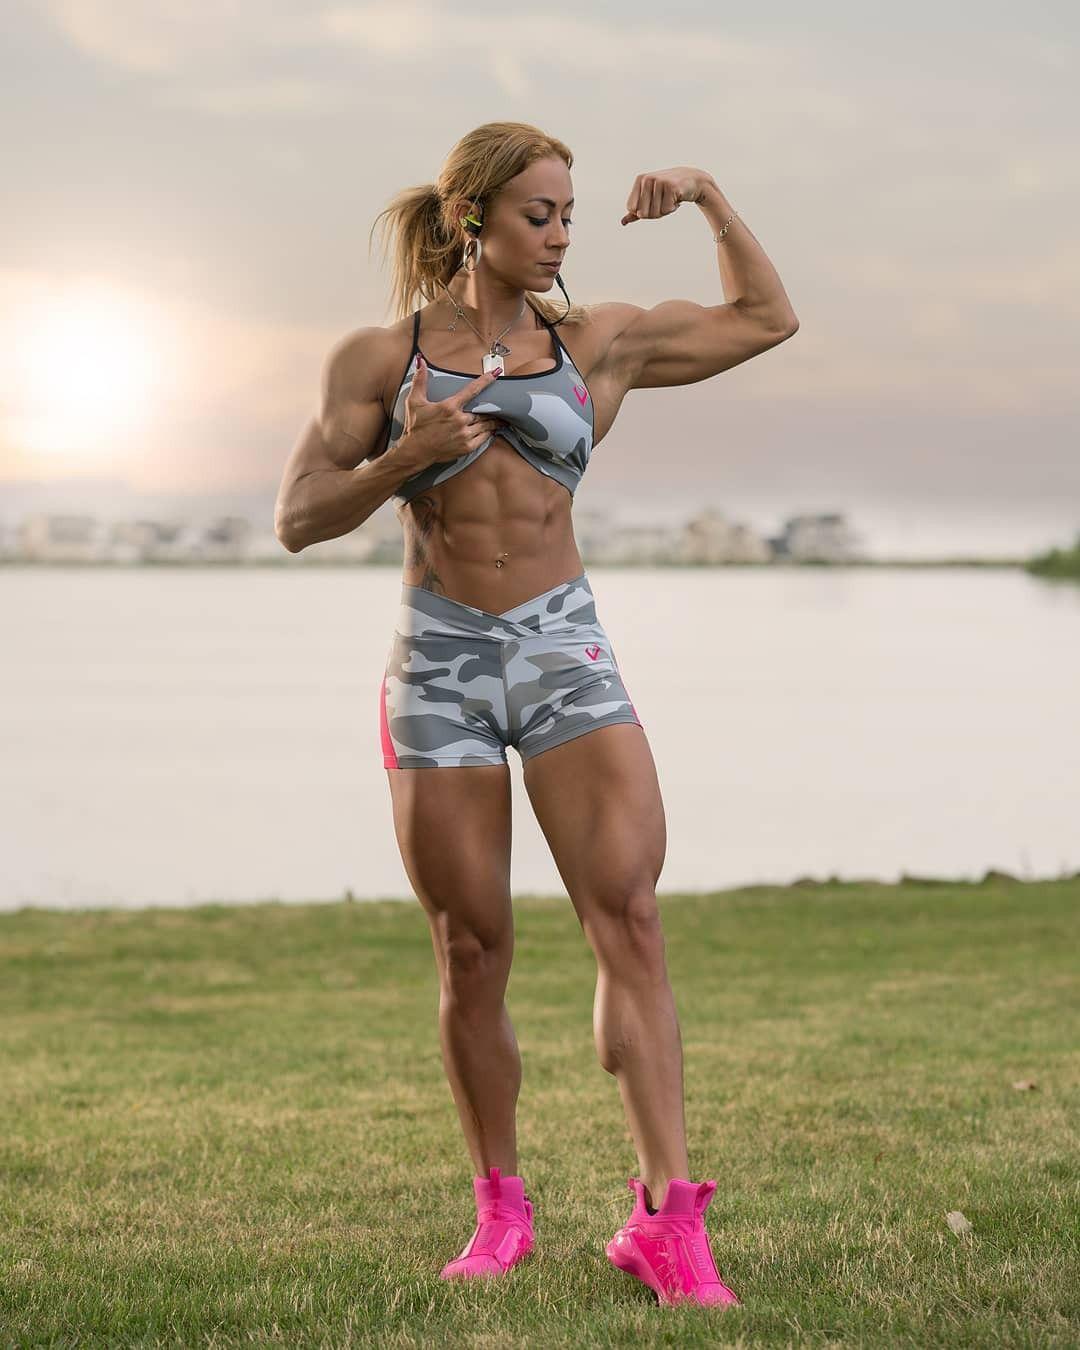 Karla Rodriguez | women with muscle | Pinterest | Bauchmuskeln und Frau